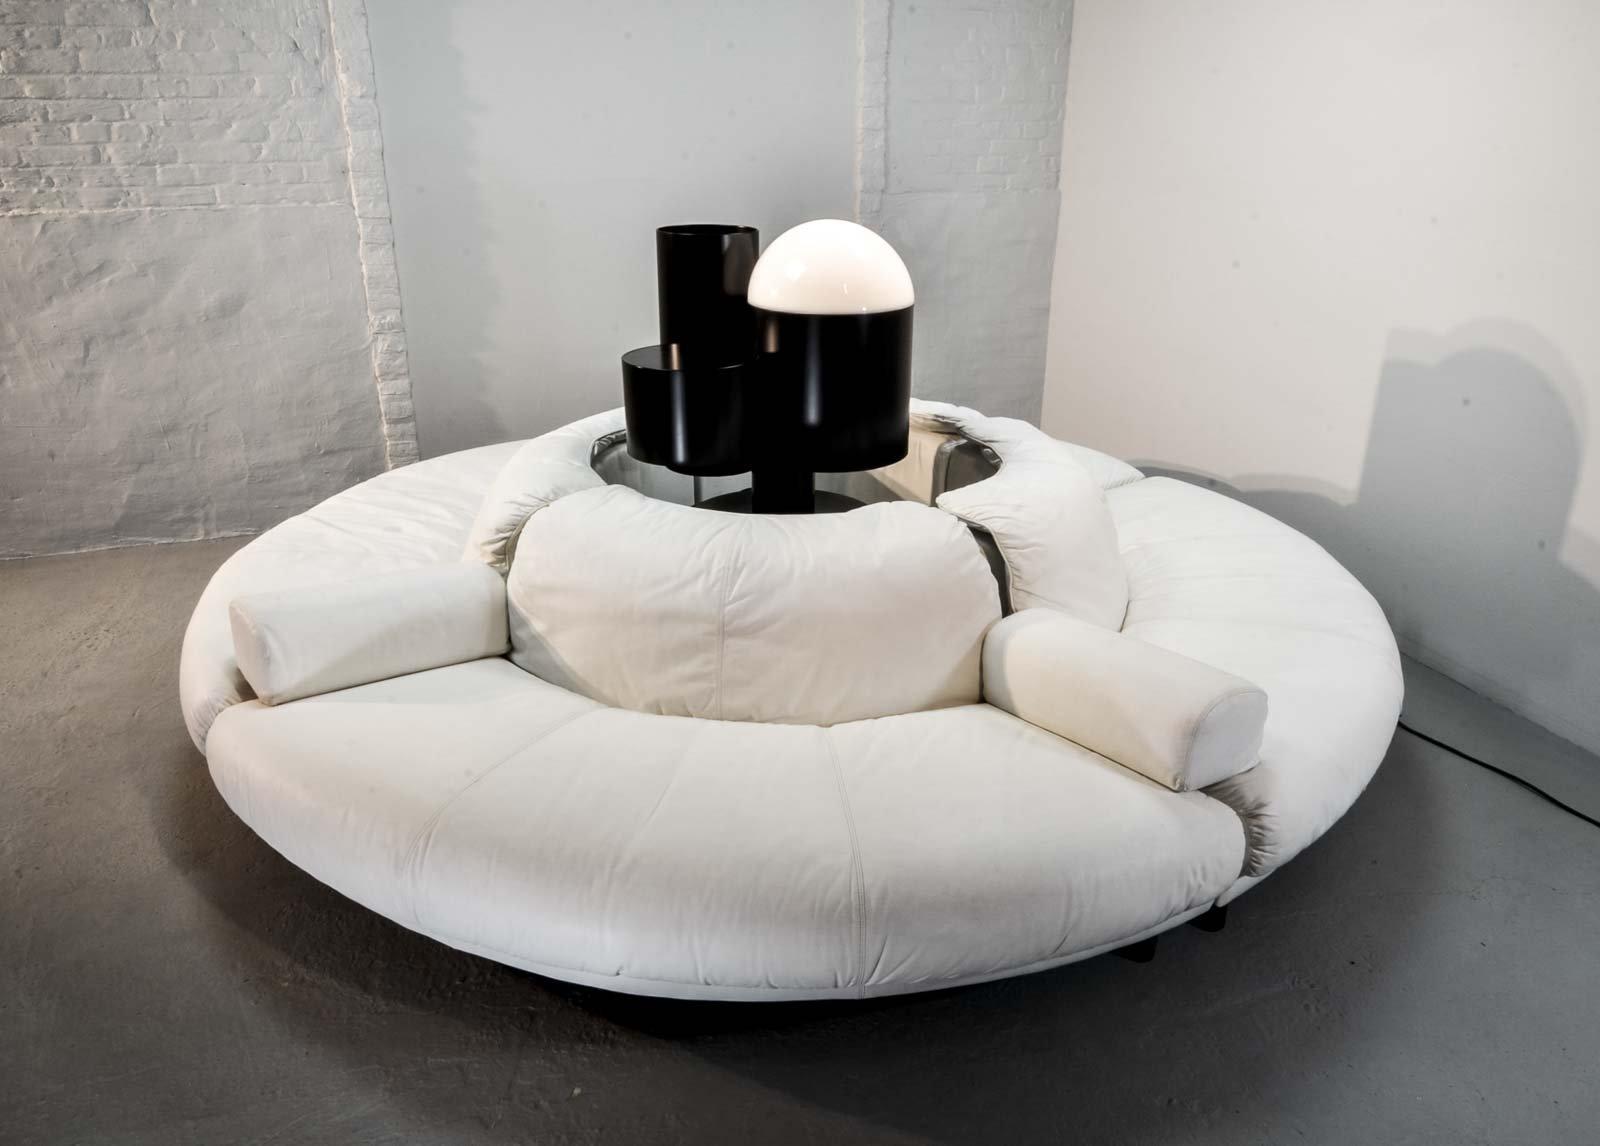 canap circulaire sectionnel en cuir blanc 1970s en vente. Black Bedroom Furniture Sets. Home Design Ideas